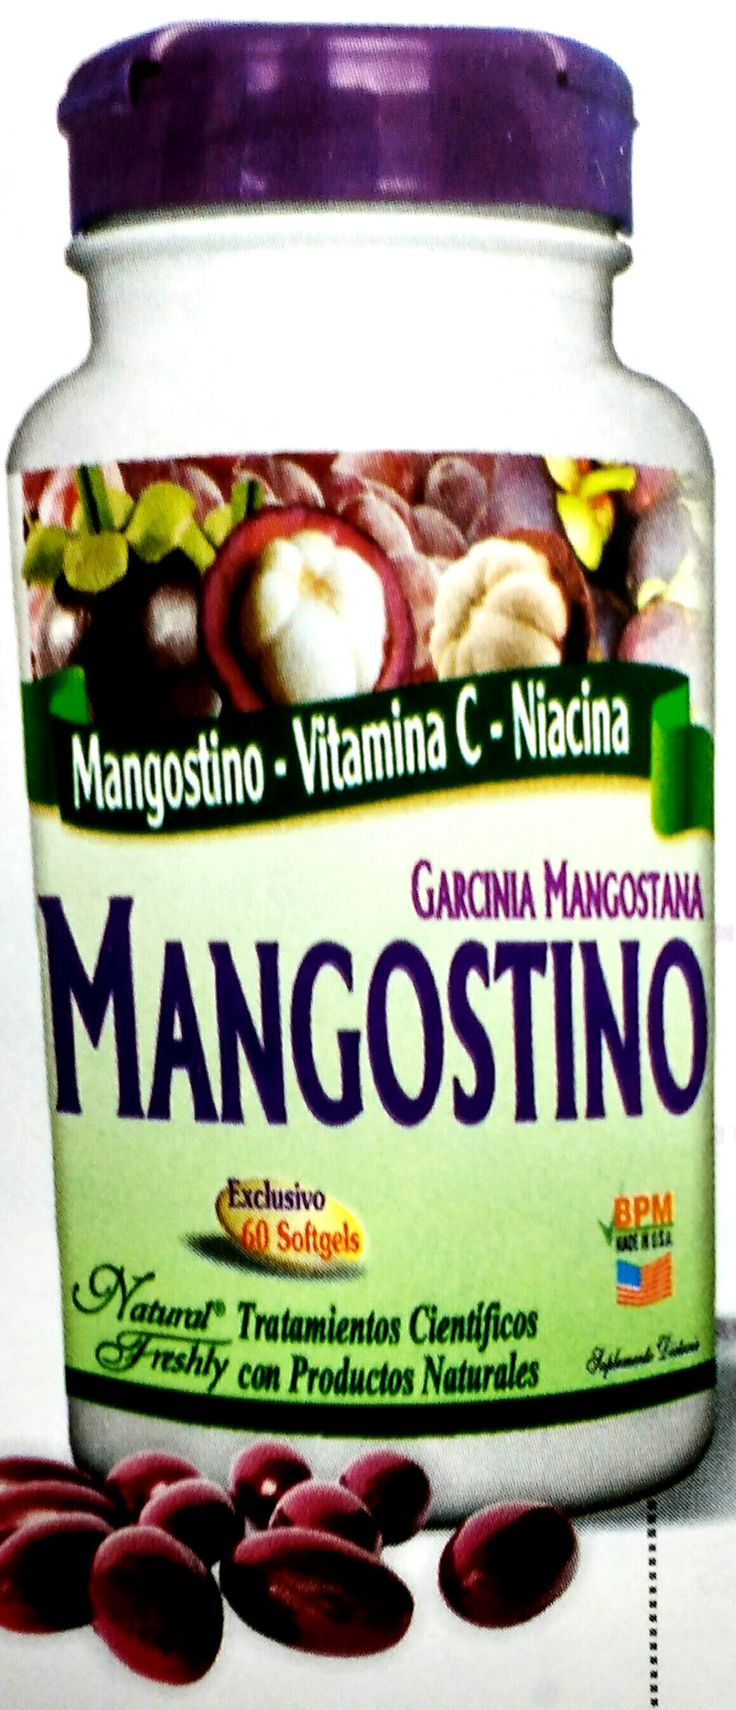 Algunas propiedades del mangostino Te ayudara a evitar algunas alergias. – Te proporcionara un efecto antioxidante.- Te ayudara a prevenir el colesterol.- Te ayudara a tratar dolores muscular…